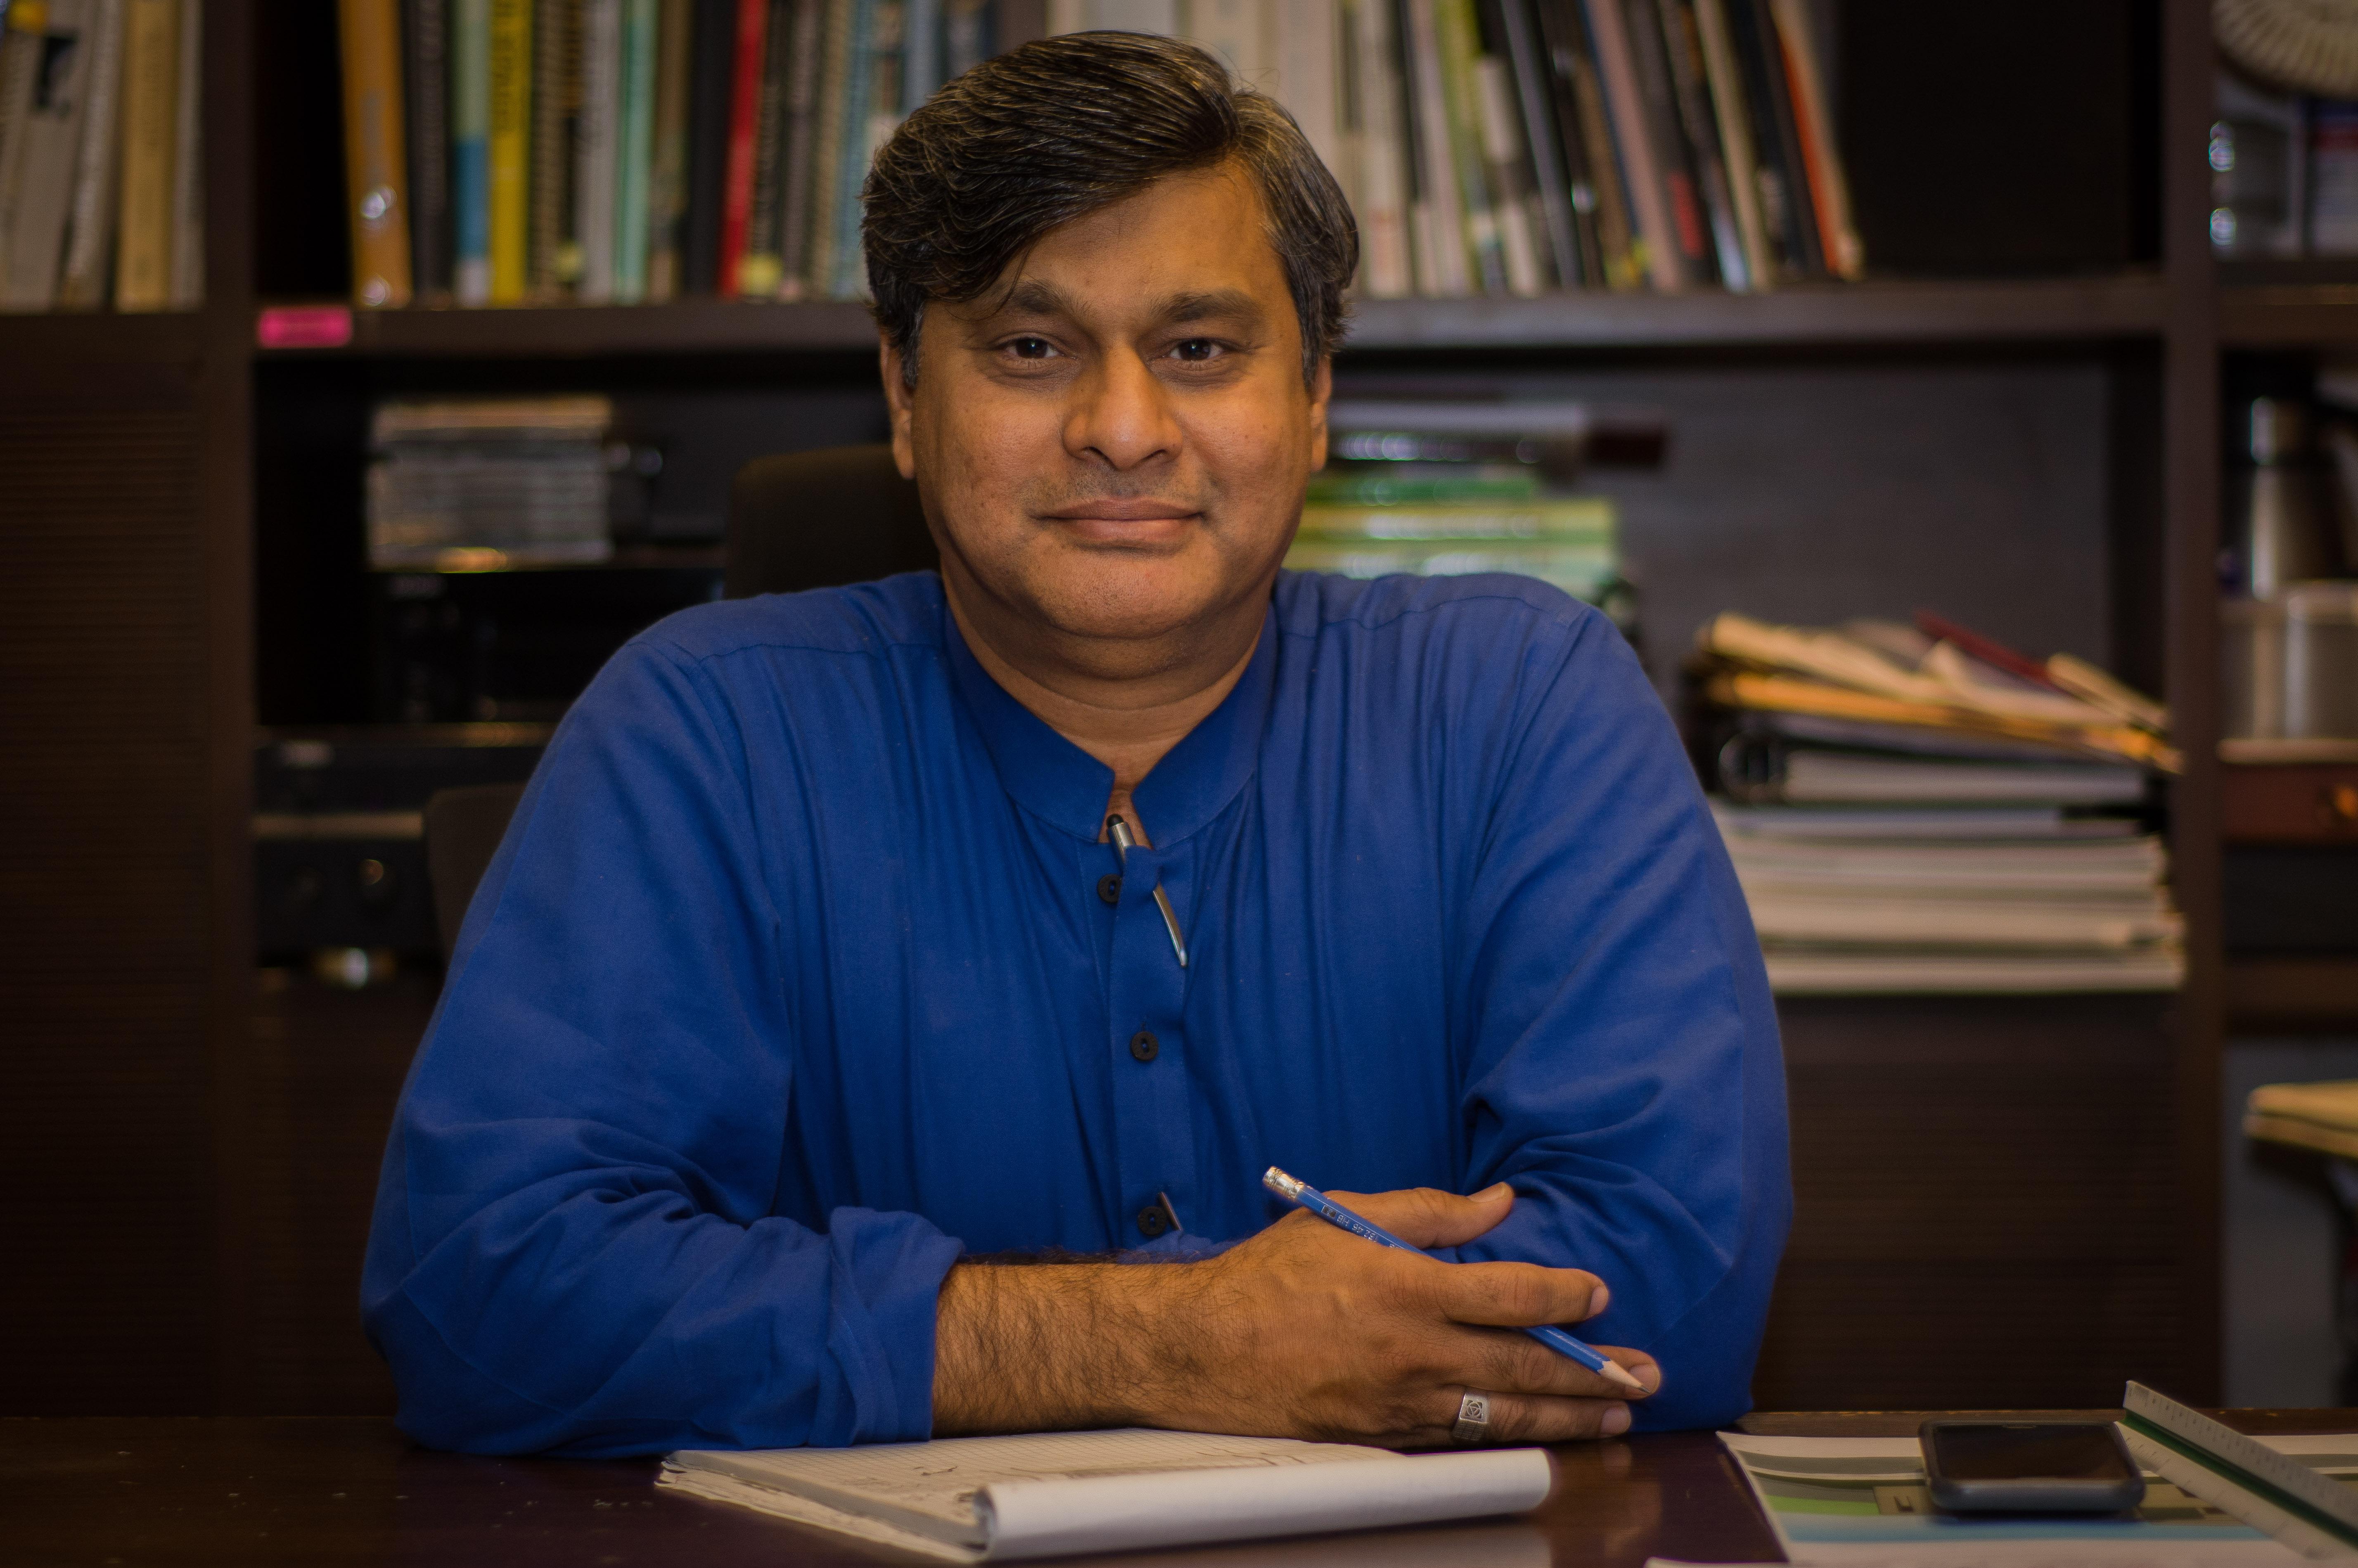 Fahim Khatri